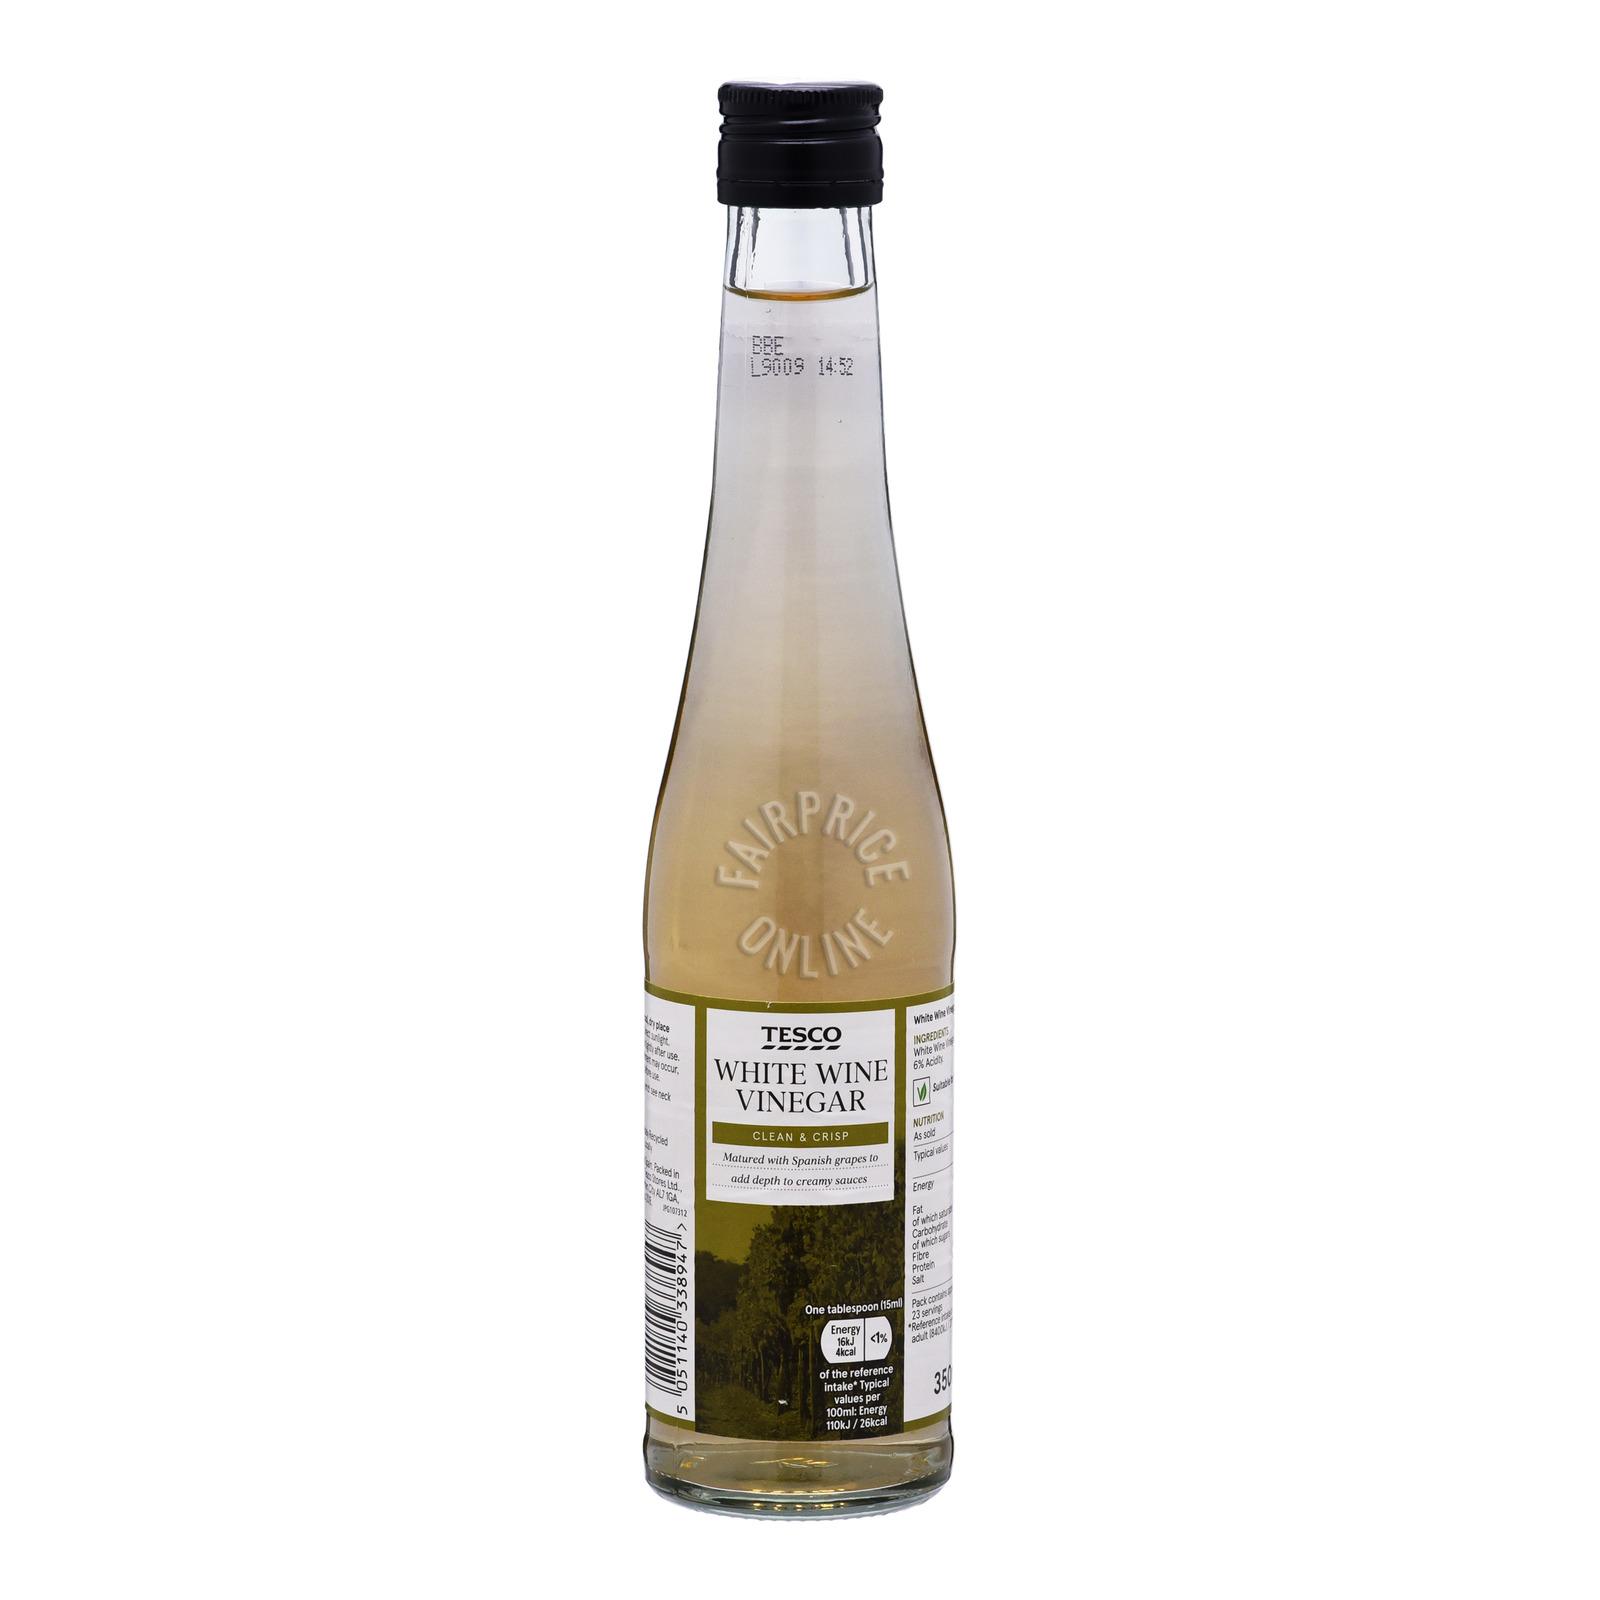 Tesco White Wine Vinegar